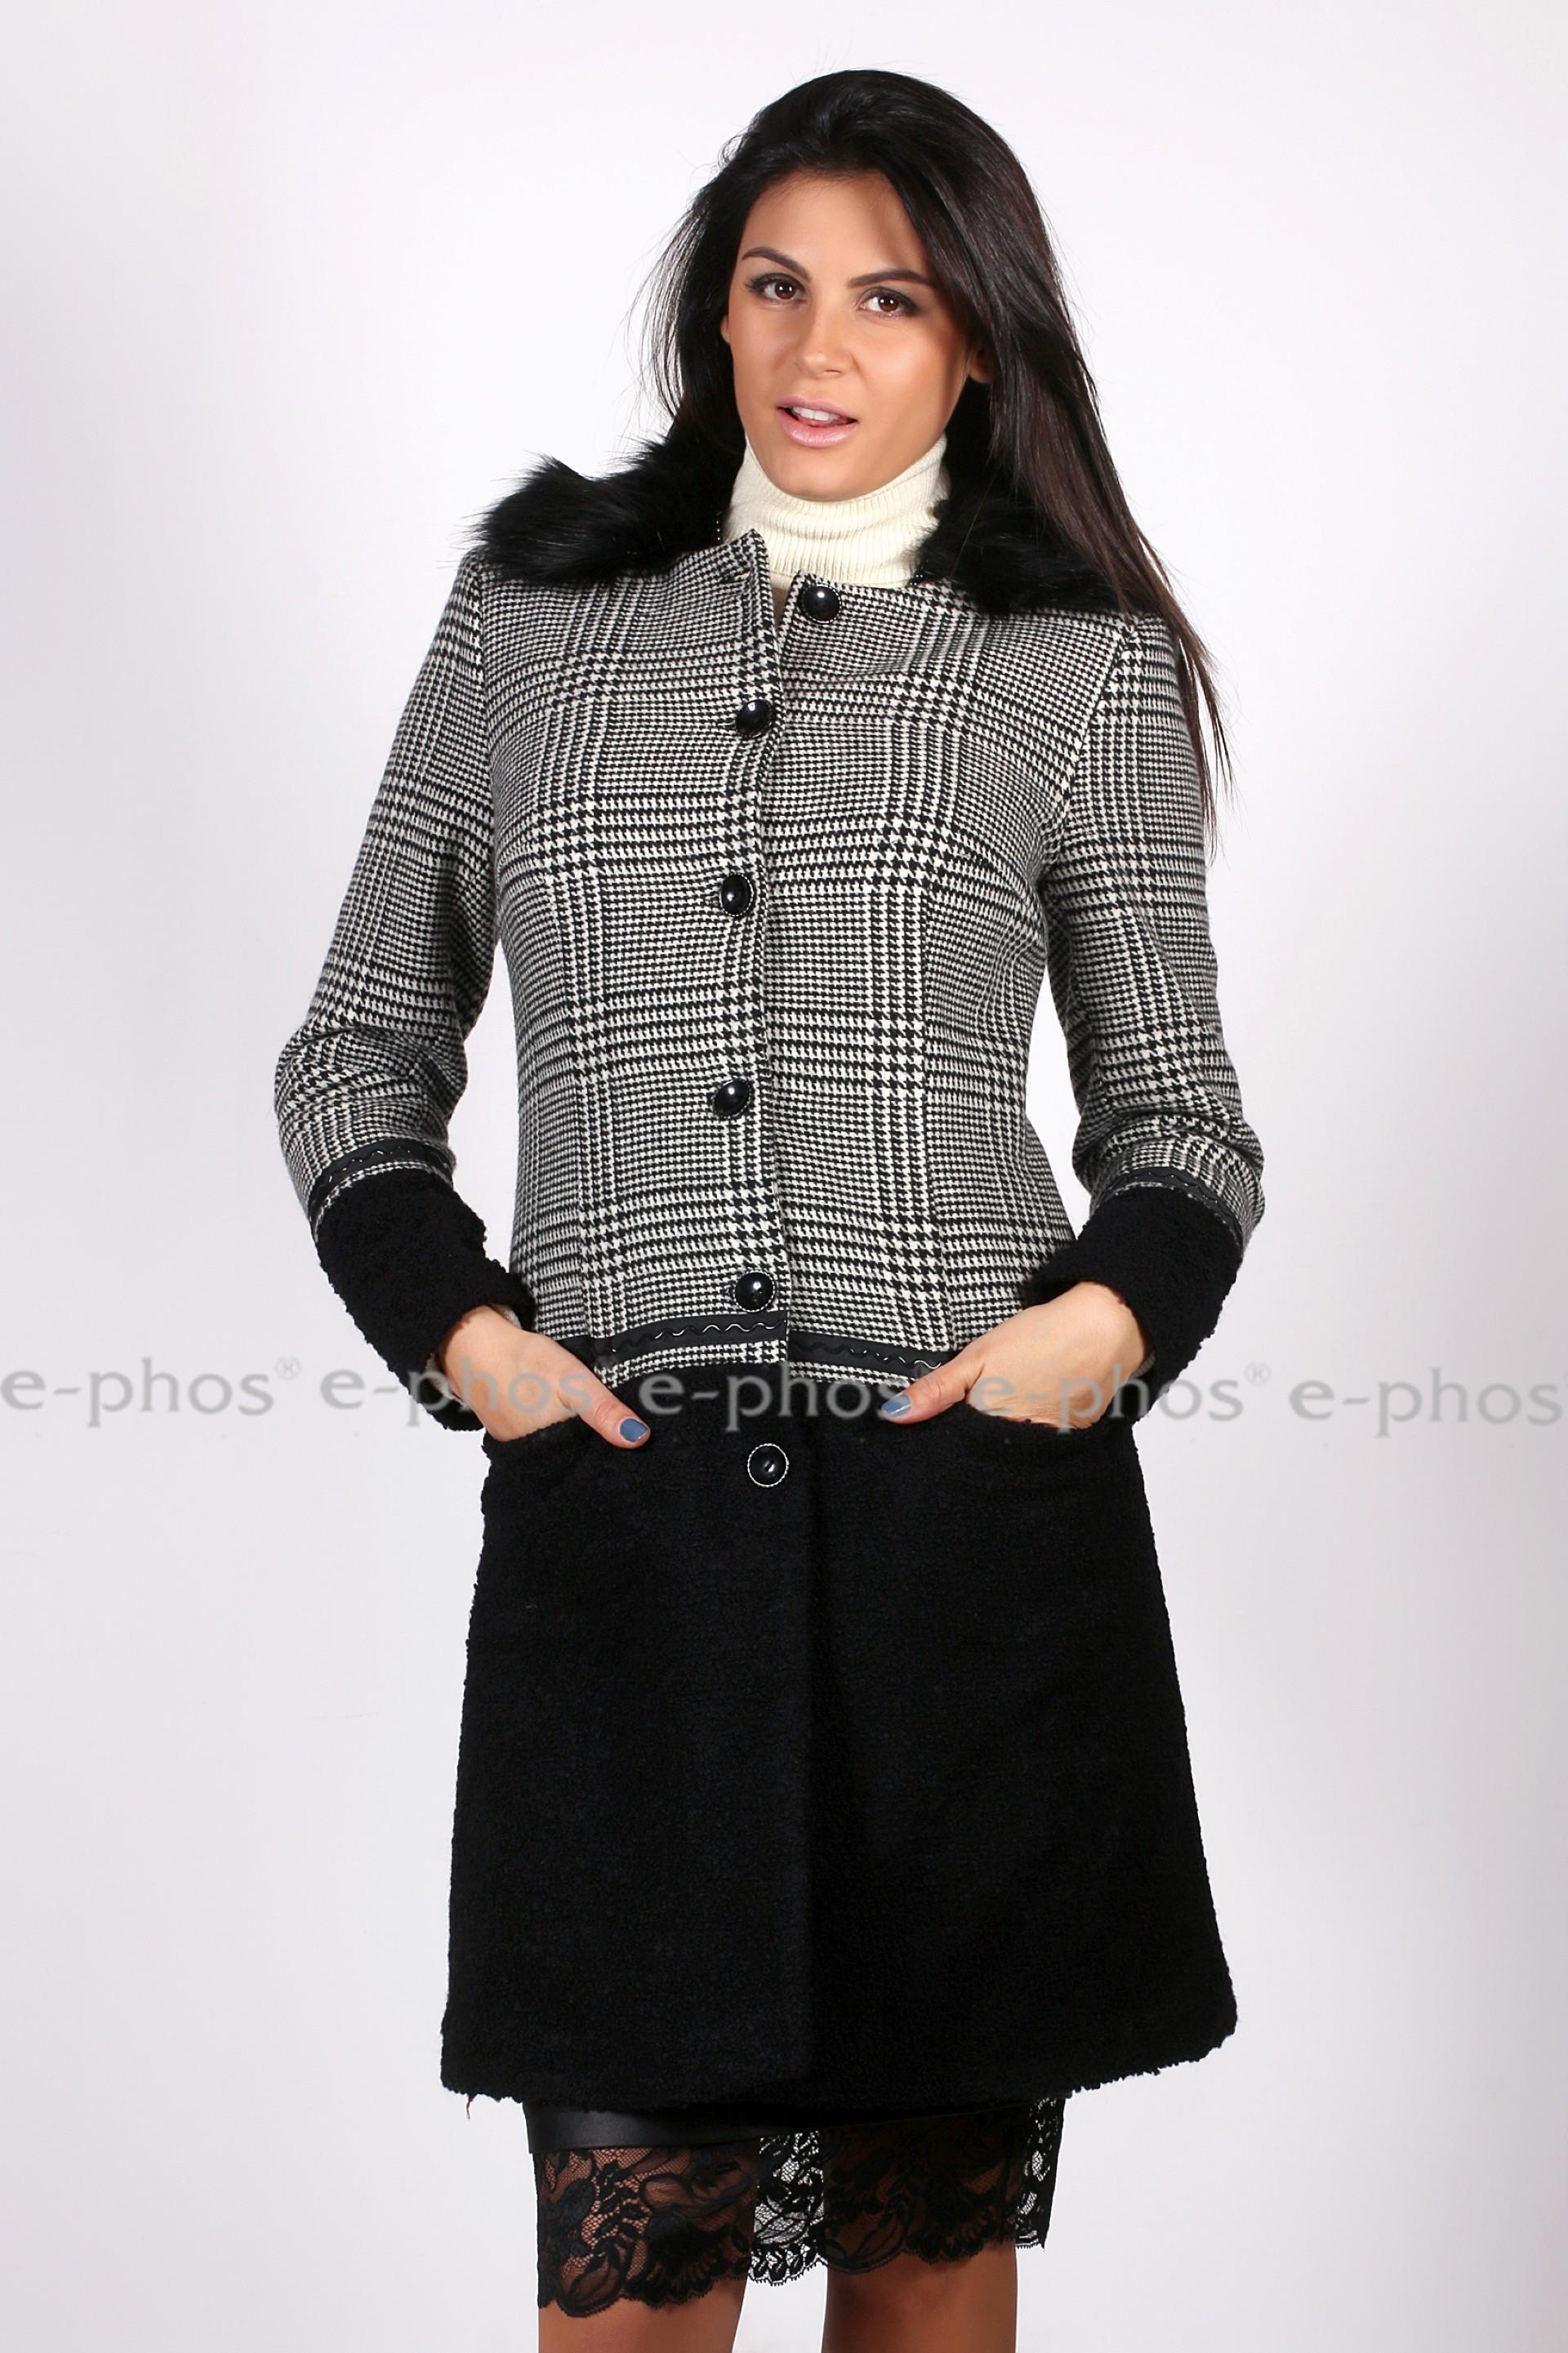 611c6394336 Дамско вълнено палто - Ephos България - Онлайн магазин за уникални ...